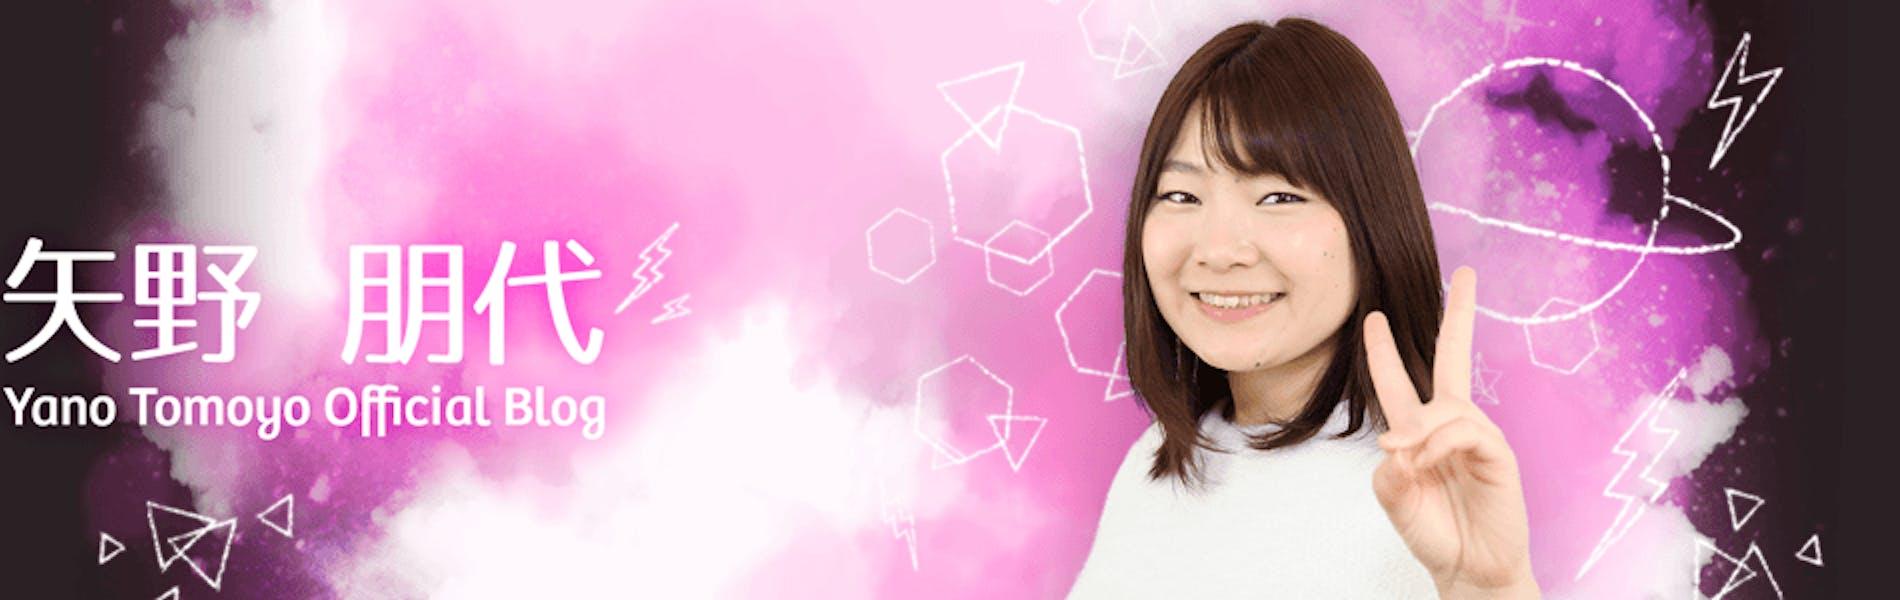 矢野朋代 オフィシャルブログ